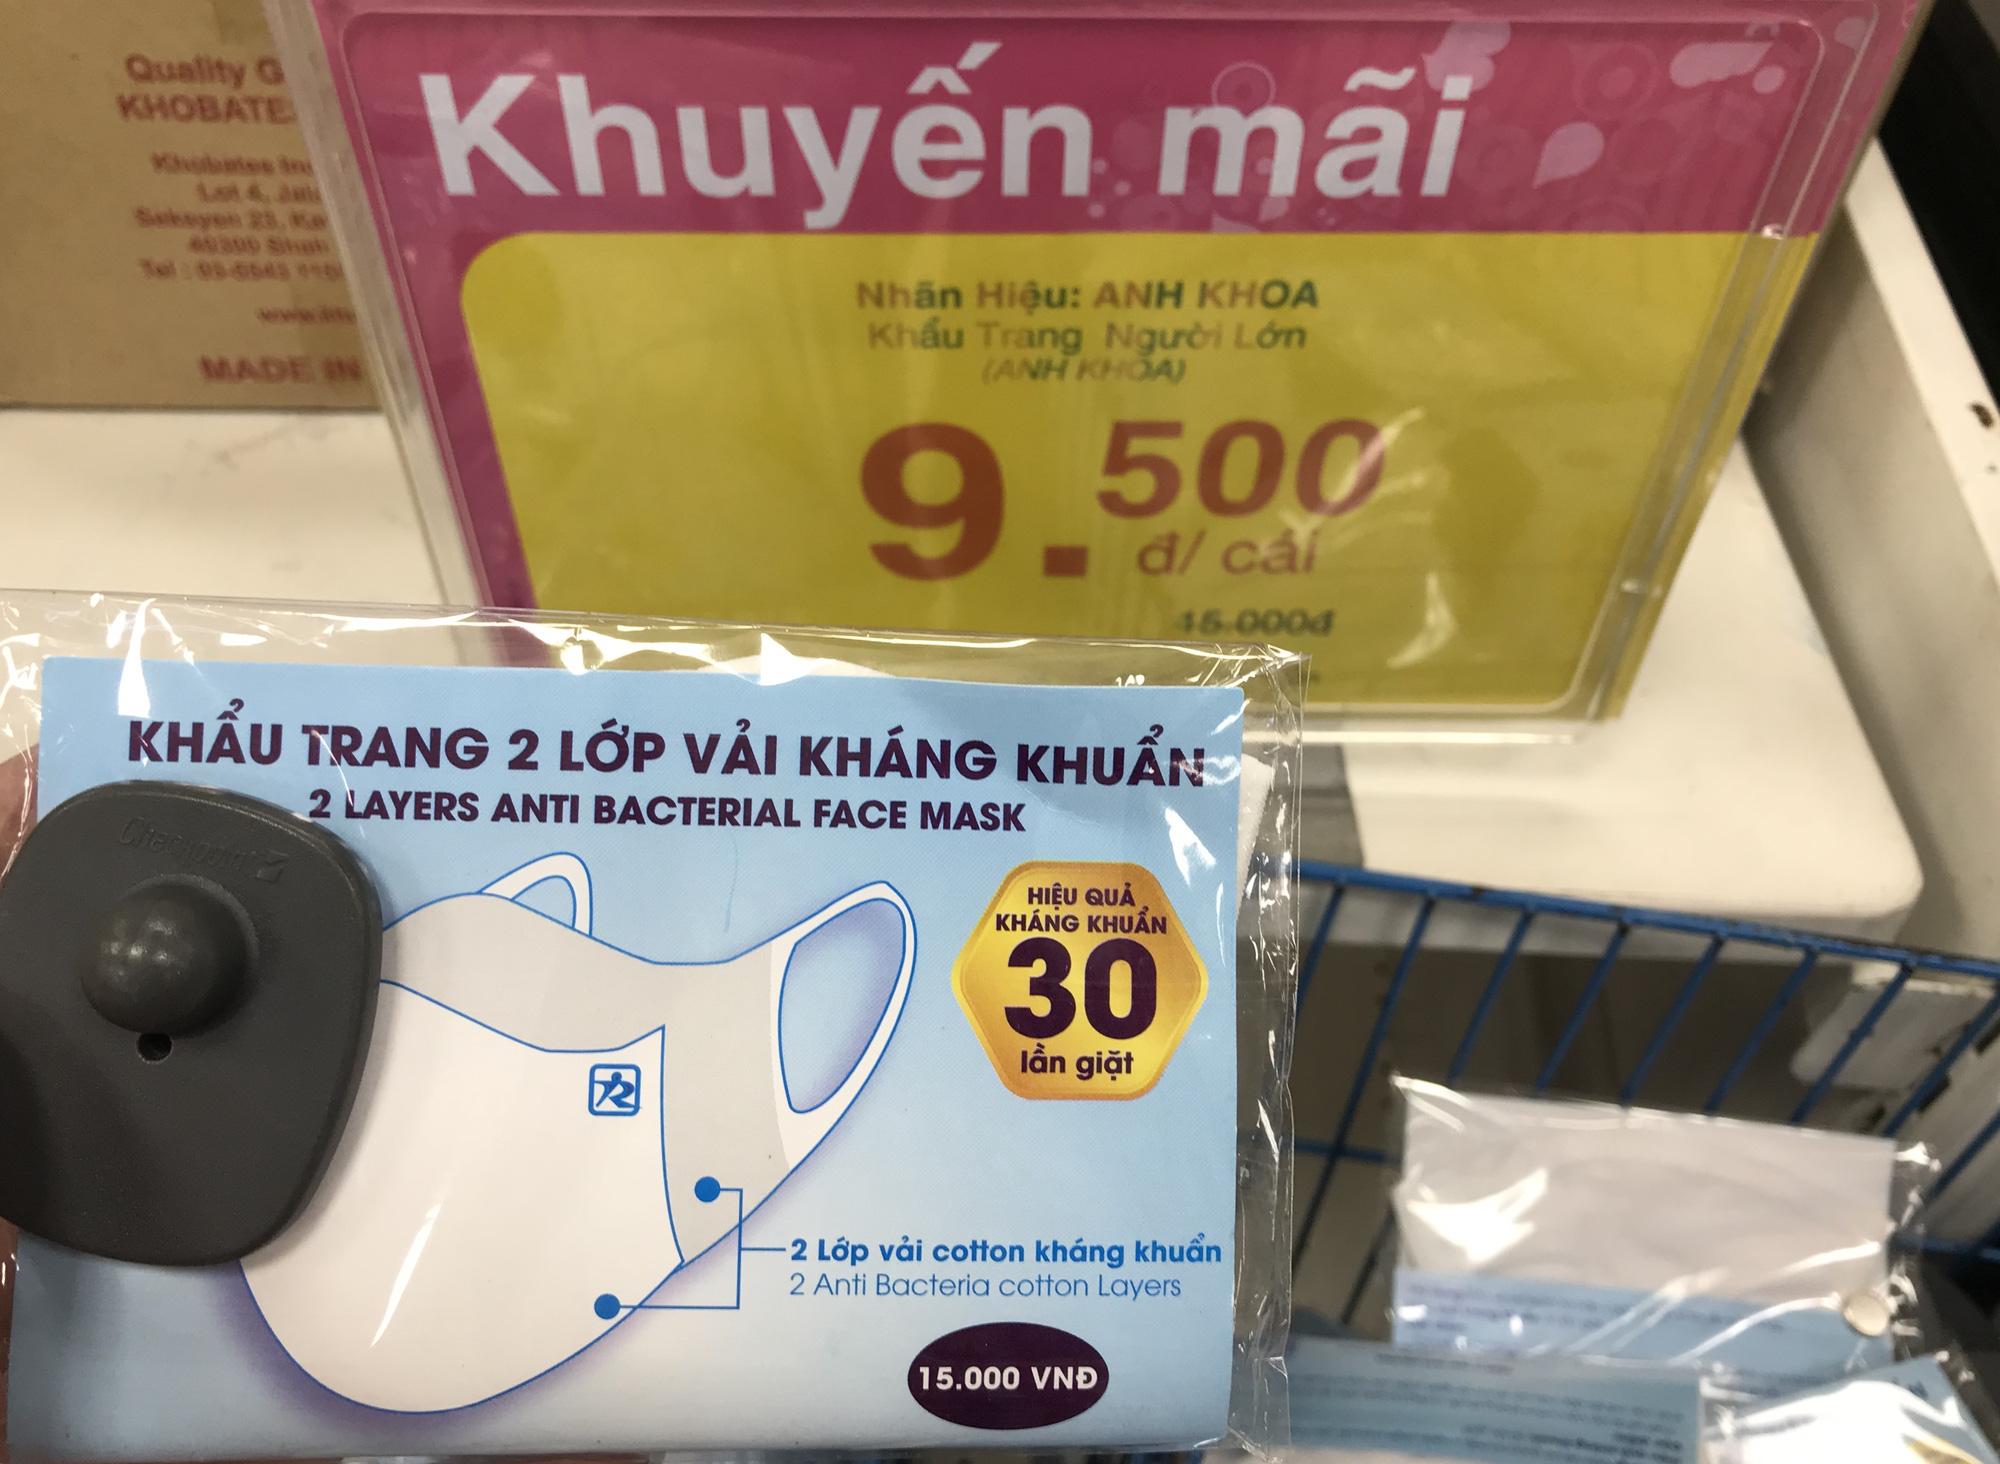 Cận cảnh khẩu trang kháng khuẩn giặt 30 lần, giá chỉ 9.500 đồng tại Co.opmart, có khách mua 50 chiếc - Ảnh 14.